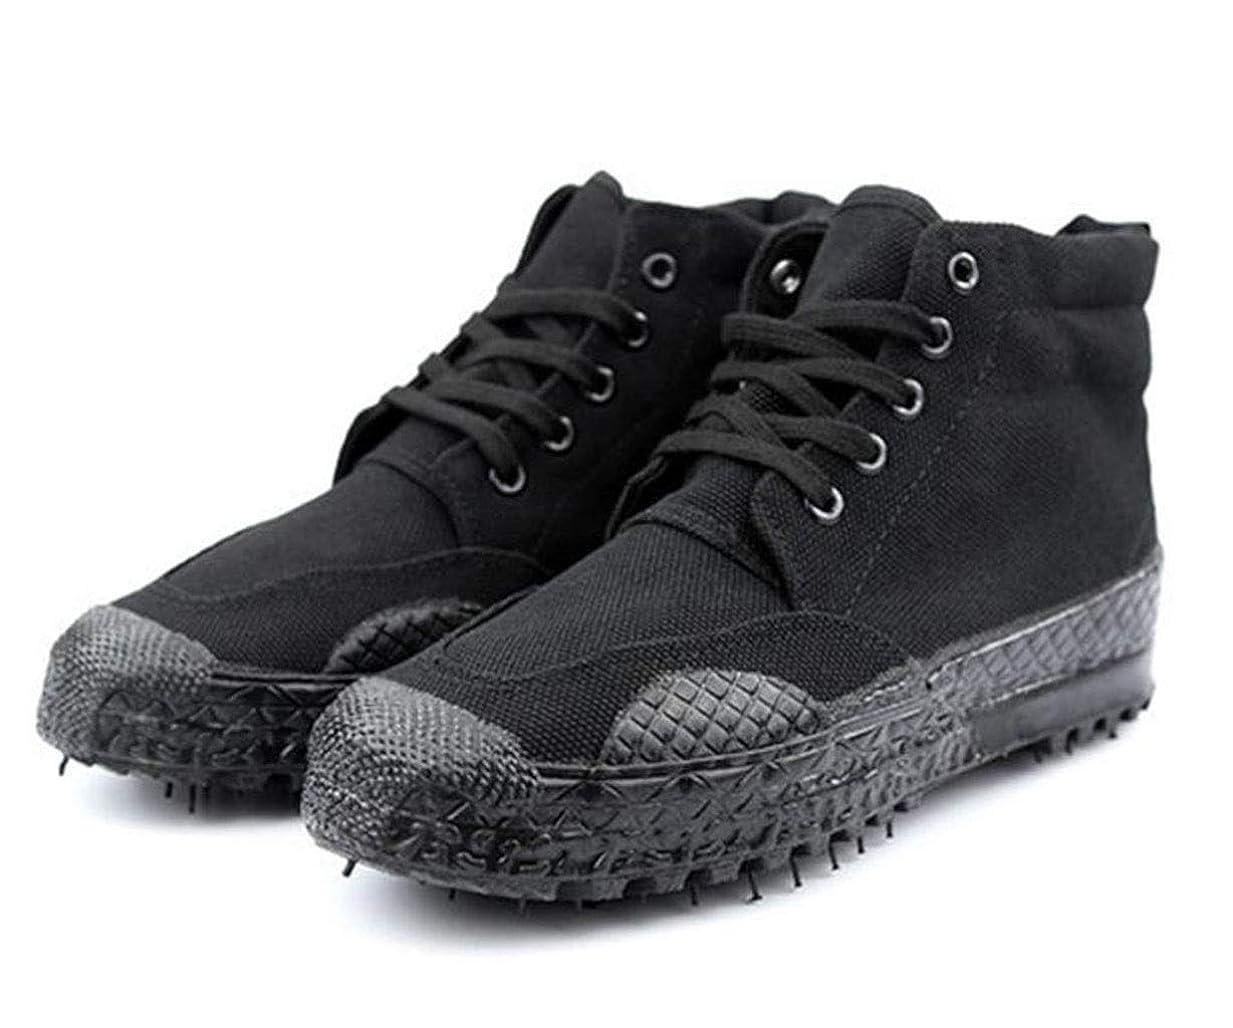 オーブン息切れペレット黒のトレーニングシューズは、労働保険の黄色いボールの靴特別なトレーニングのゴム製の靴を働くのを助けるために高い解放の靴は軍事訓練や他の野外活動として使用することができます (Color : Black, Size : 39)